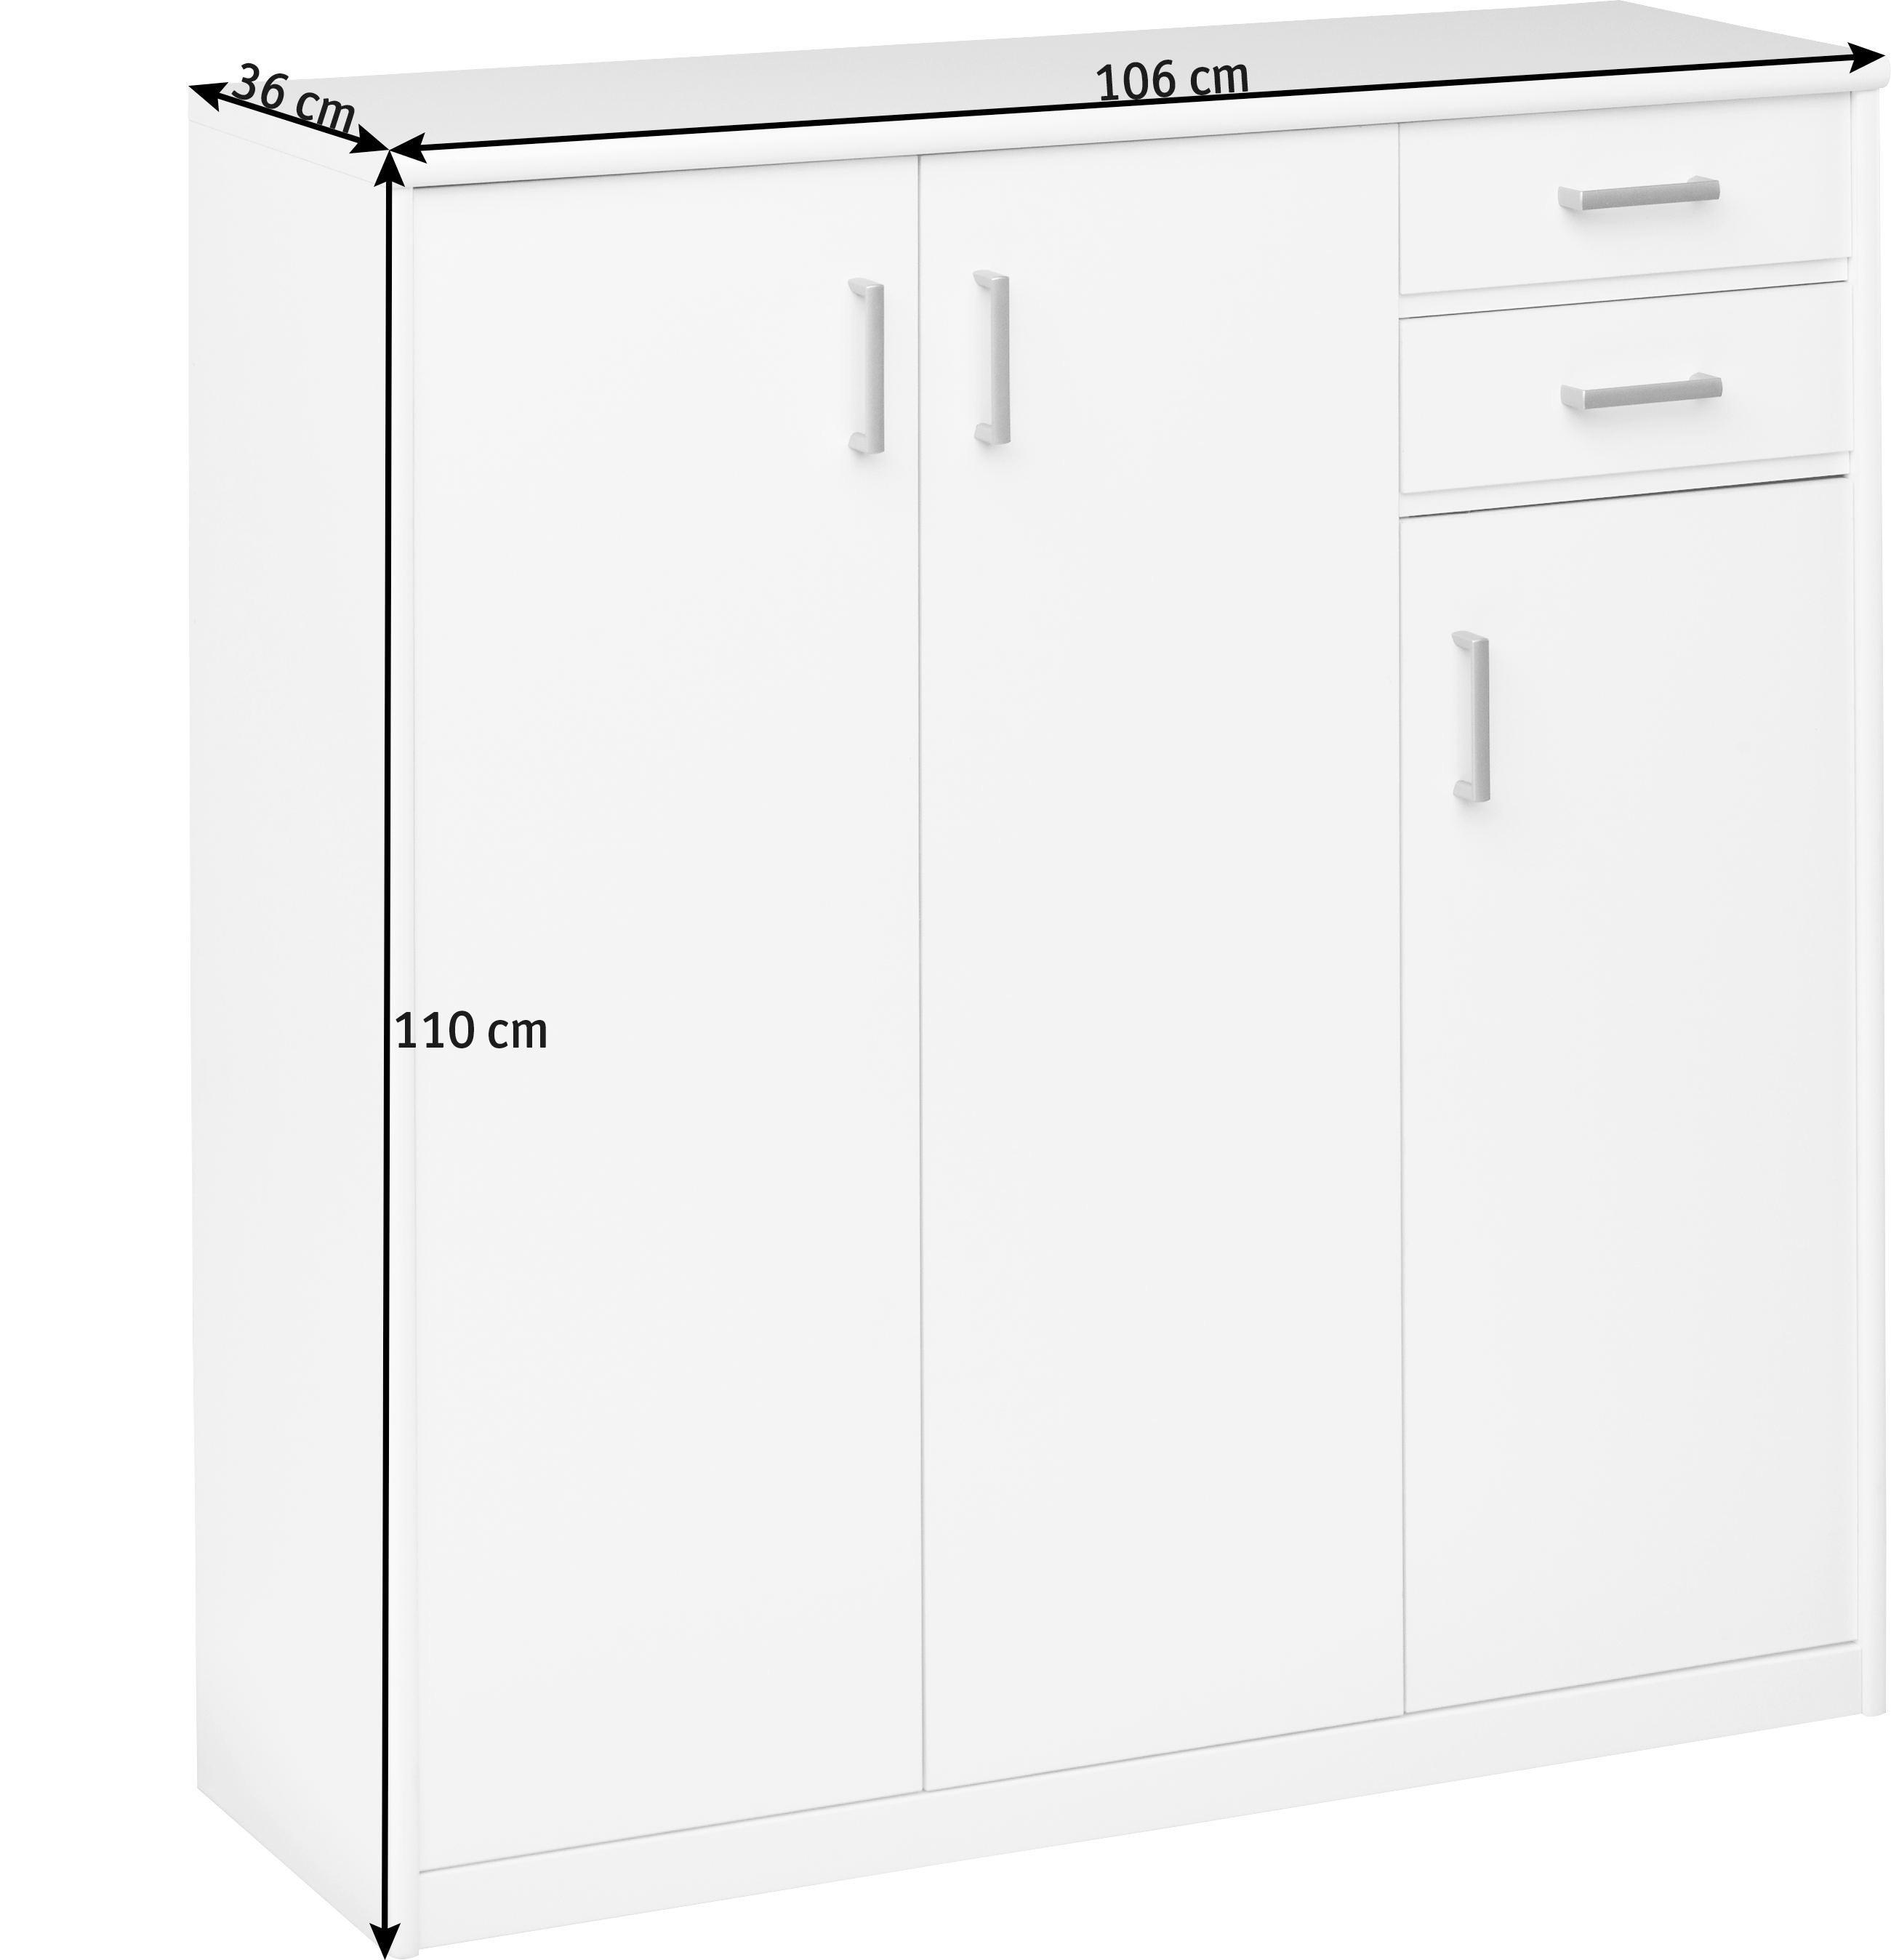 KOMMODE in Ahornfarben - Silberfarben/Ahornfarben, KONVENTIONELL, Holzwerkstoff/Kunststoff (106/110/36cm) - CS SCHMAL